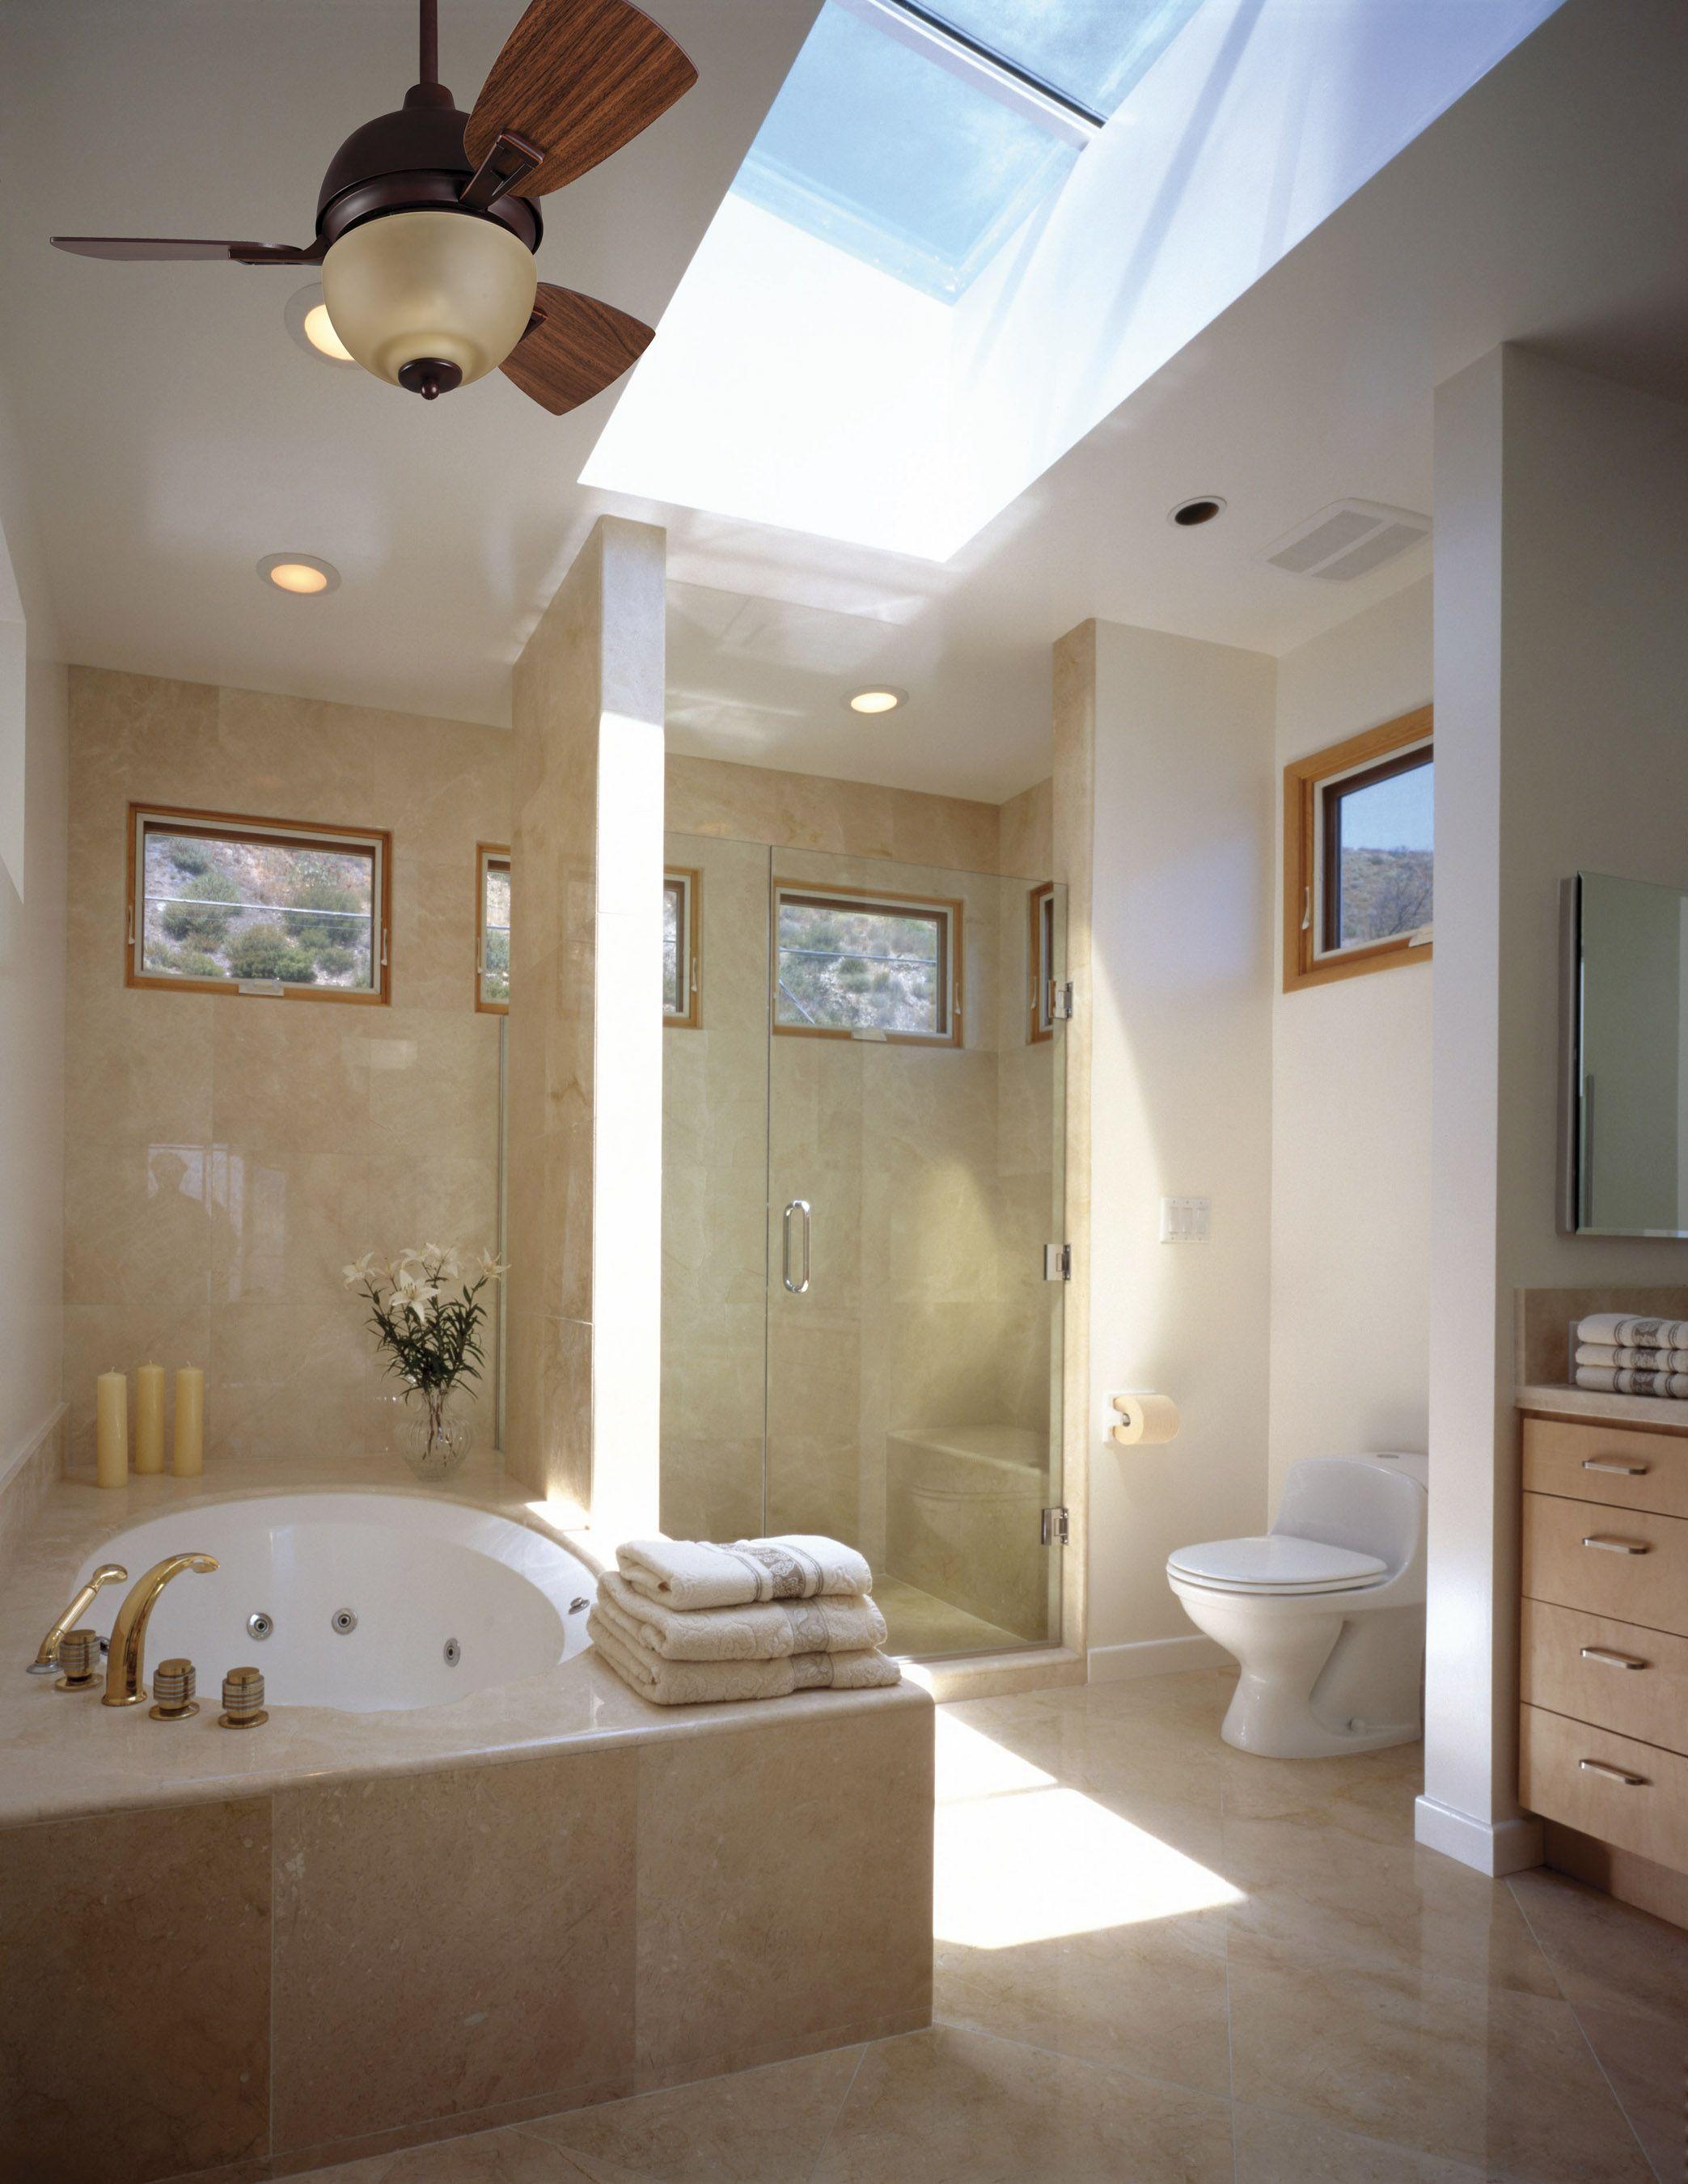 Craftmade Dane Ceiling Fan Simple Bathroom Remodel Large